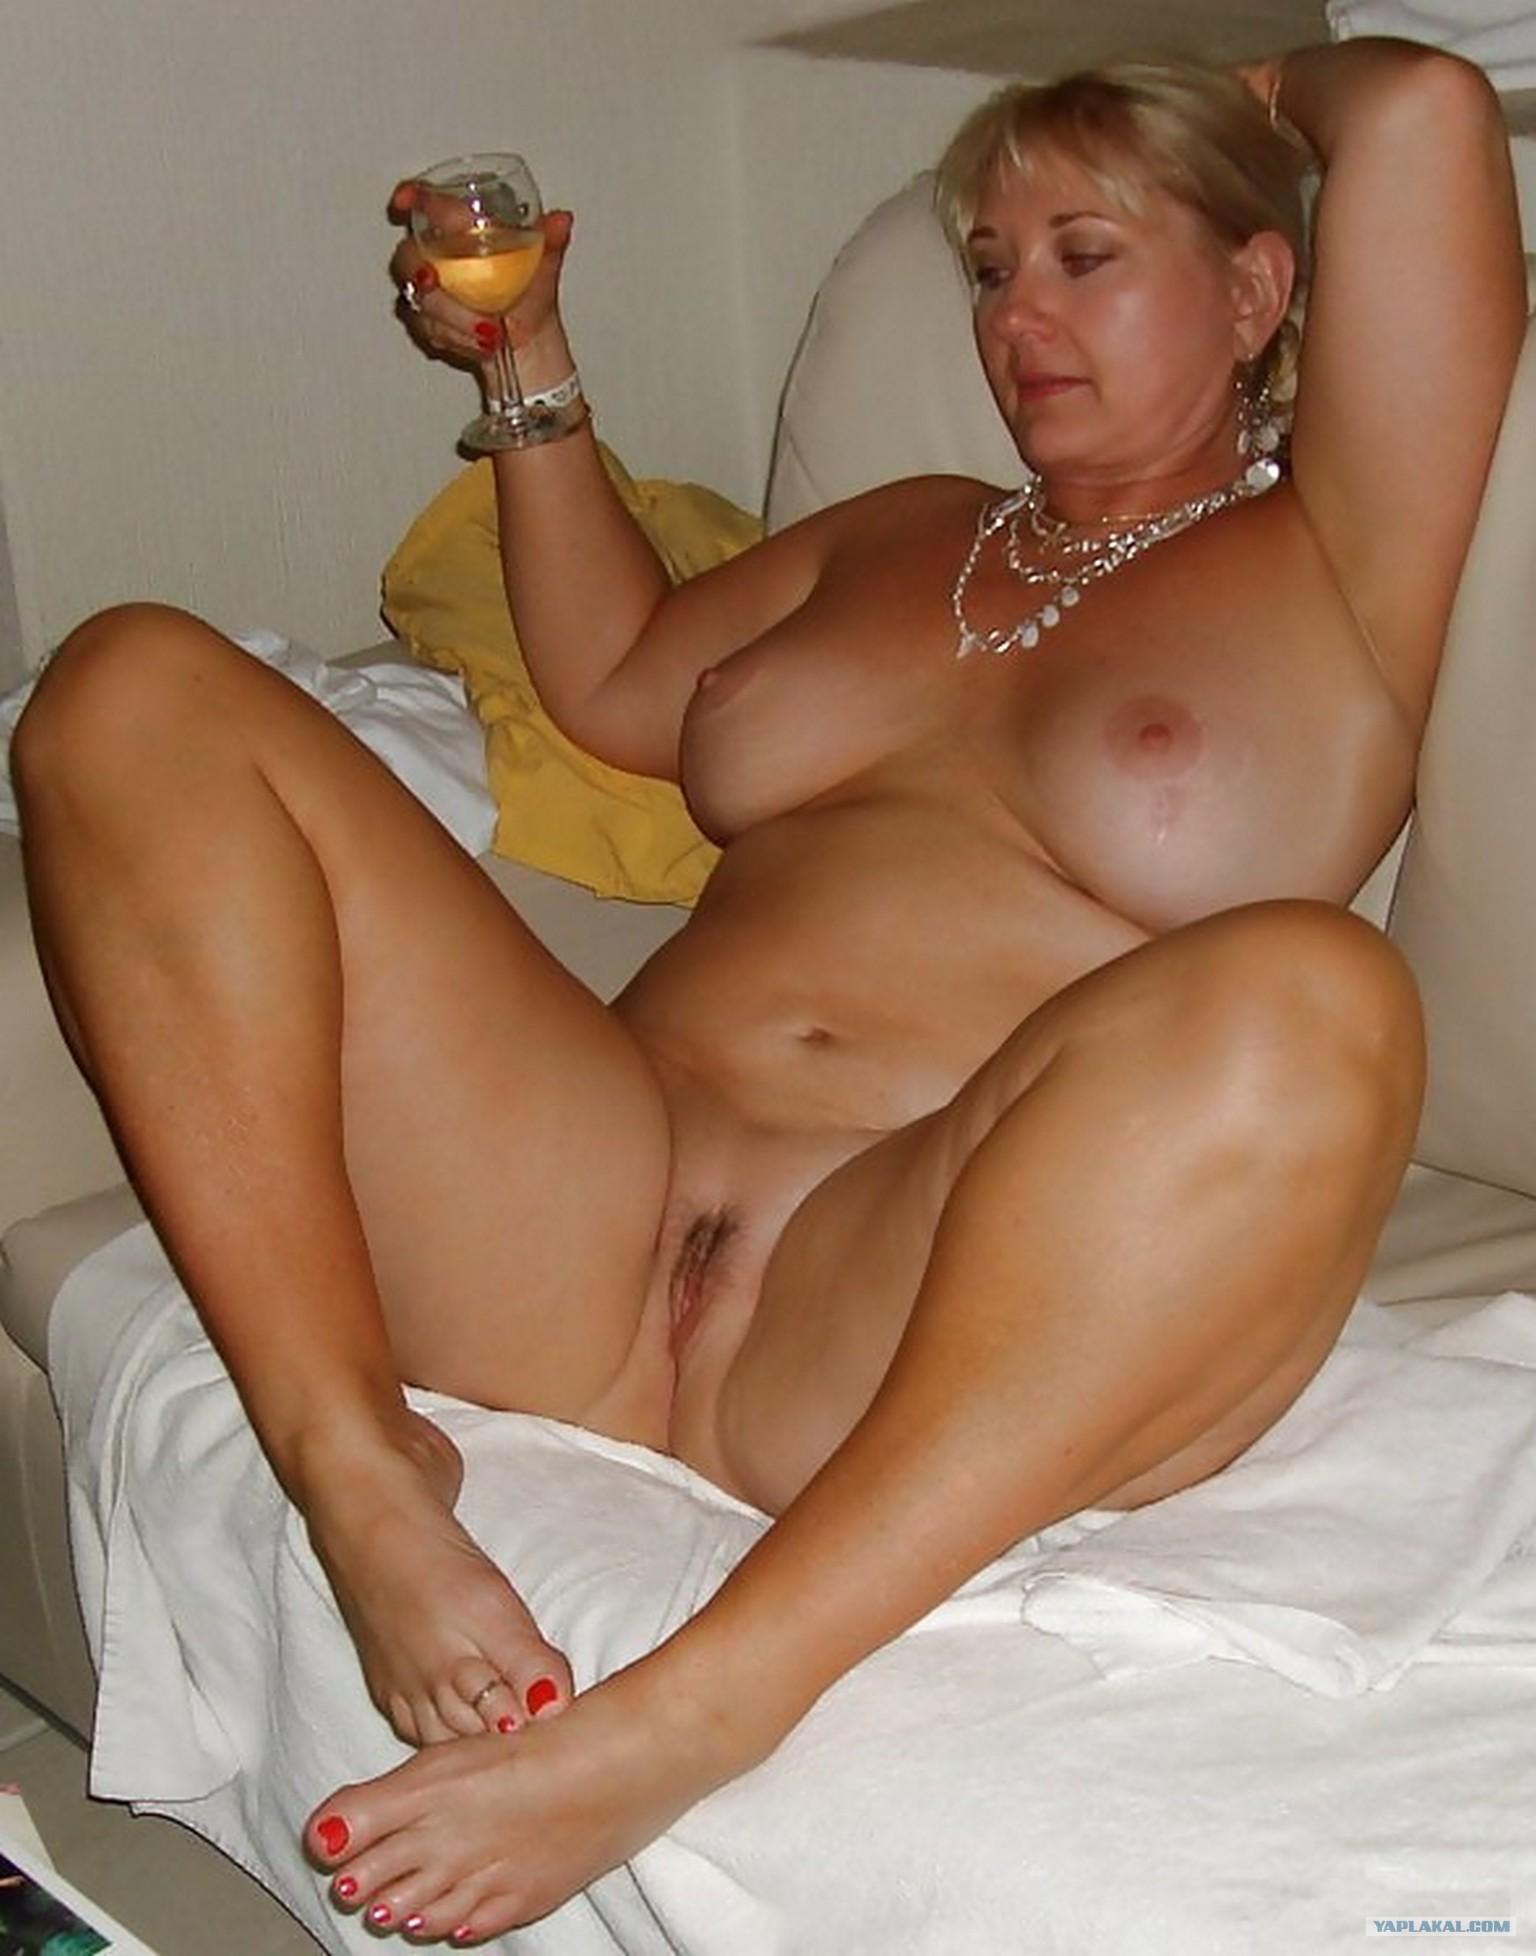 Порно фото зрелых сочных женщин